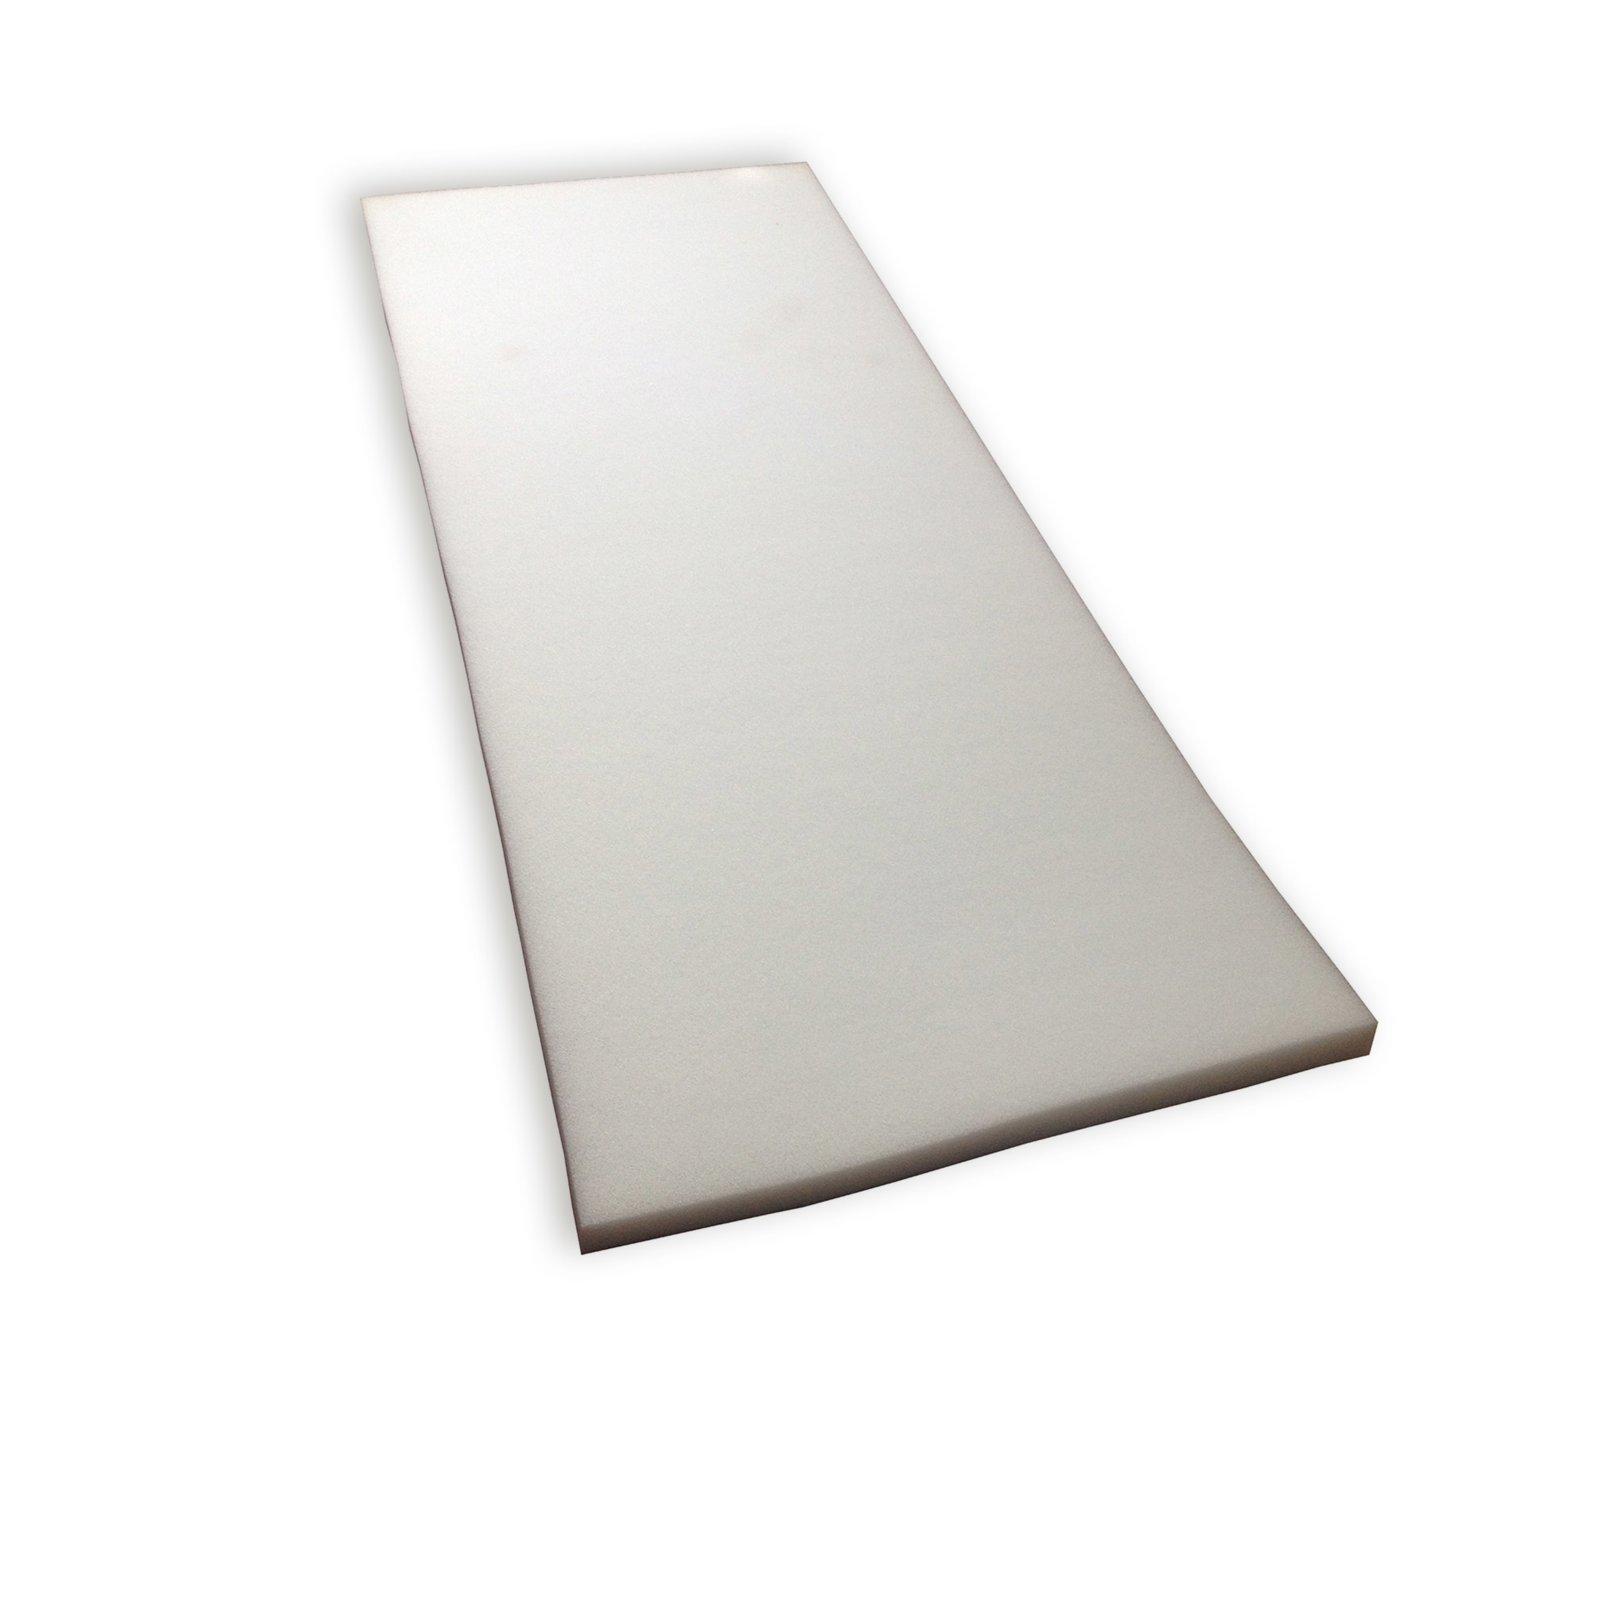 Schaumstoff-Zuschnitt - weiß - 40x100 cm | Stuhl- & Sitzkissen ...